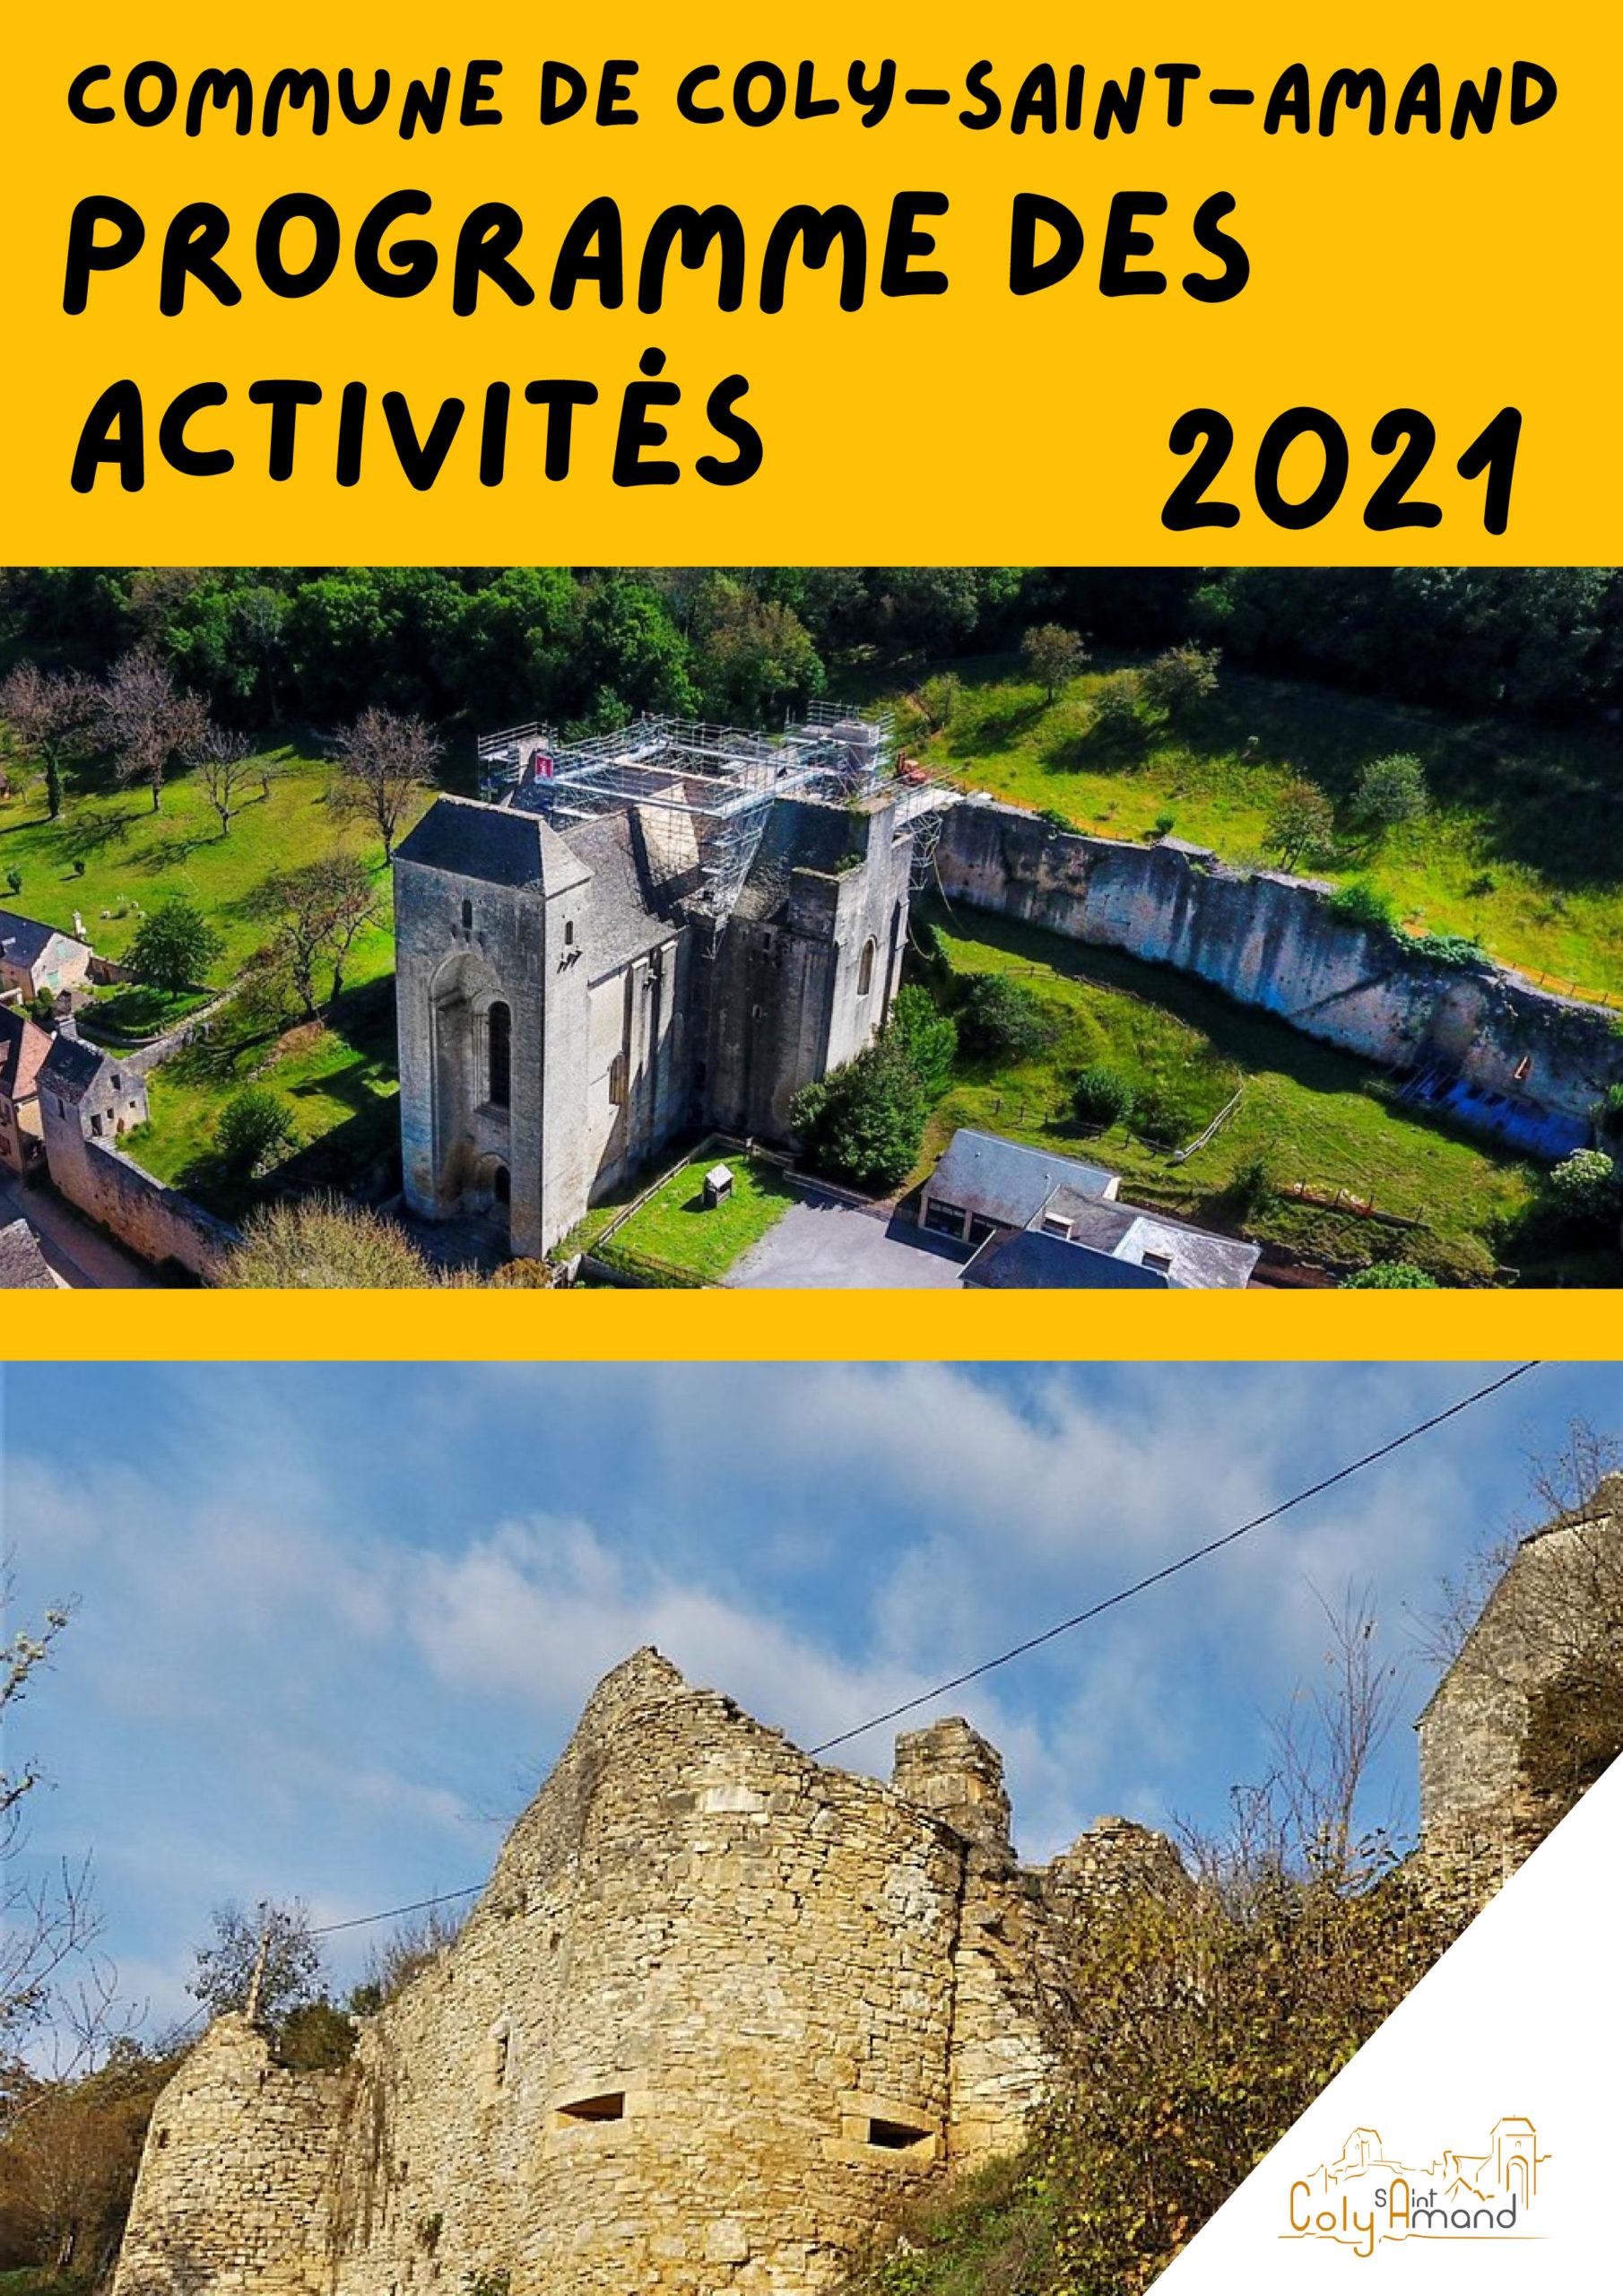 Programme des ACTIVITÉS commune de Coly-Saint-Amand 2021